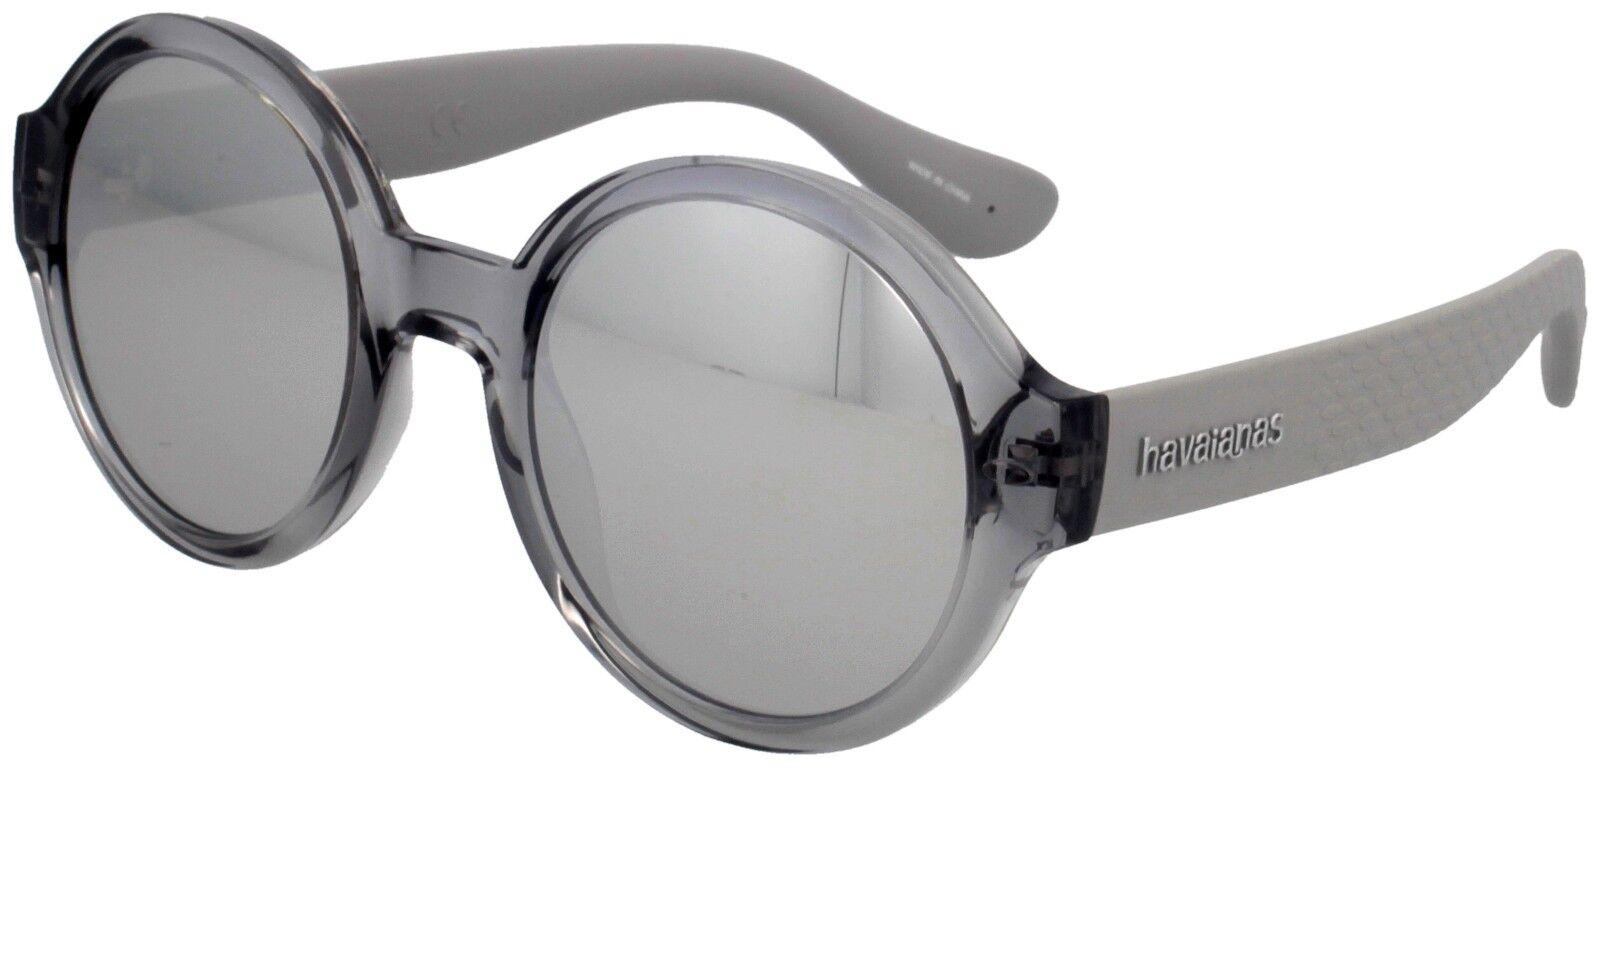 Sonnenbrille Sonnenbrille Sonnenbrille Havaianas Floripa M YB7 (T4) Silber Spiegel Silber | Verschiedene Waren  a1cf7f